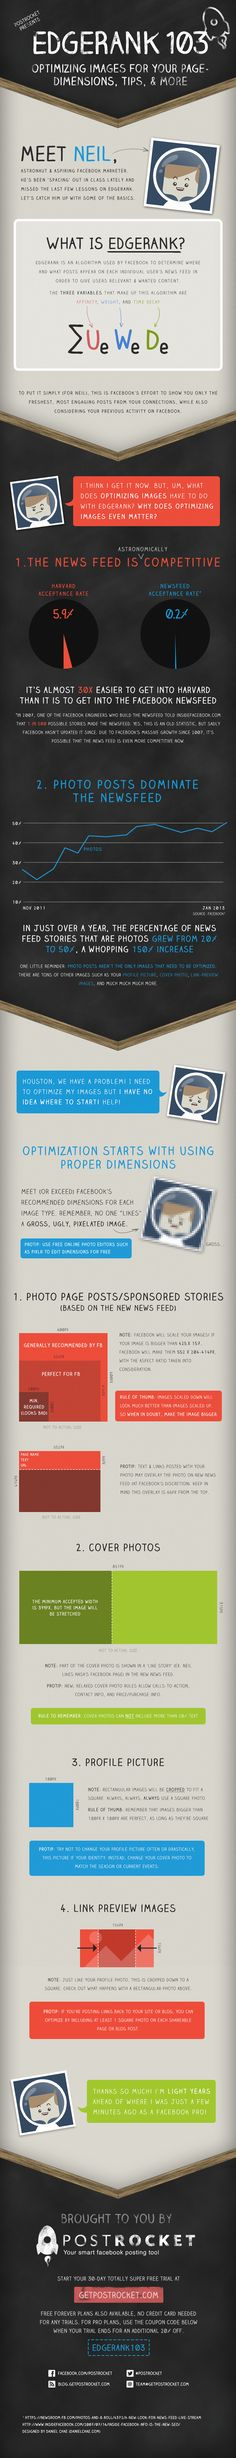 Como otimizar imagens em suas publicações no Facebook